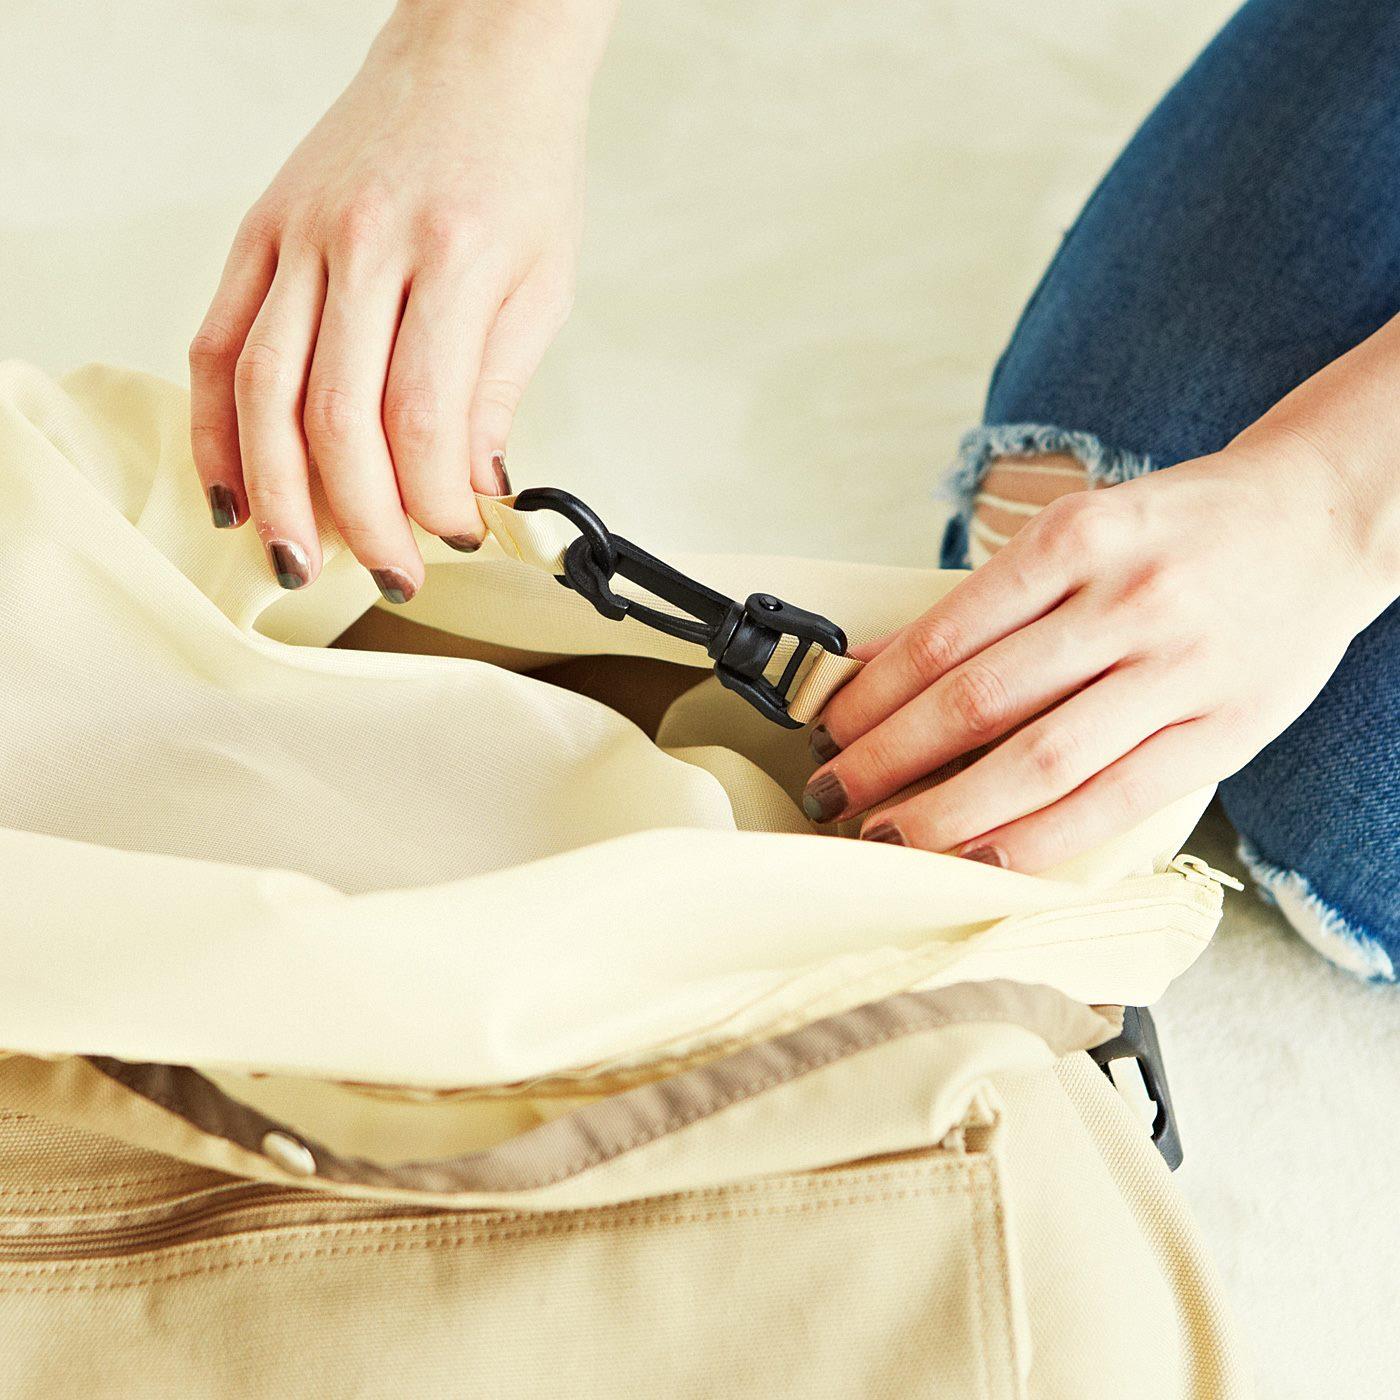 2.カラビナでバッグ本体に固定。